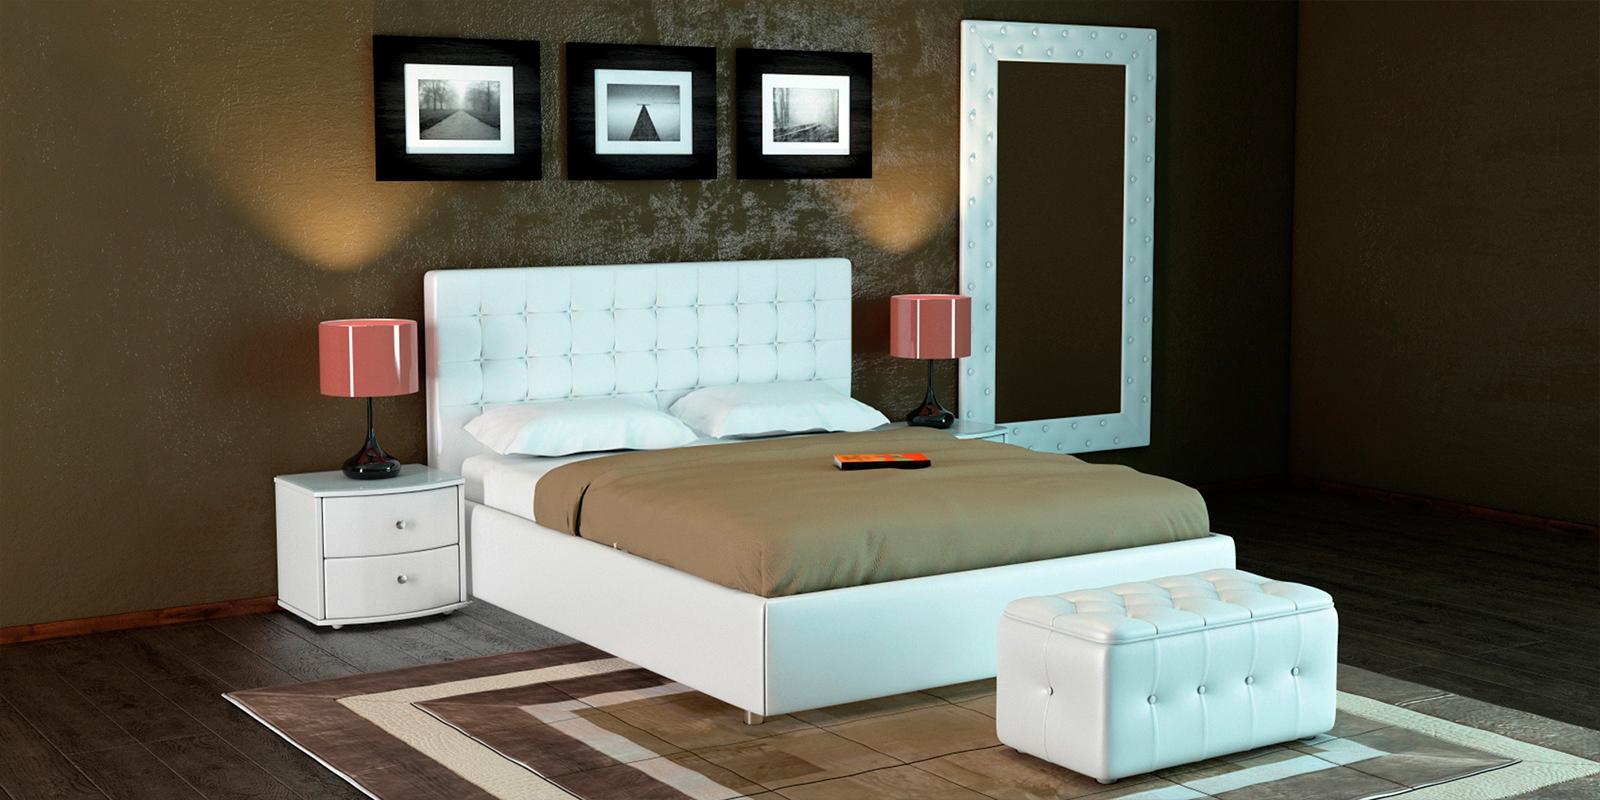 Мягкая кровать 200х160 Малибу вариант №3 с ортопедическим основанием (Белый)